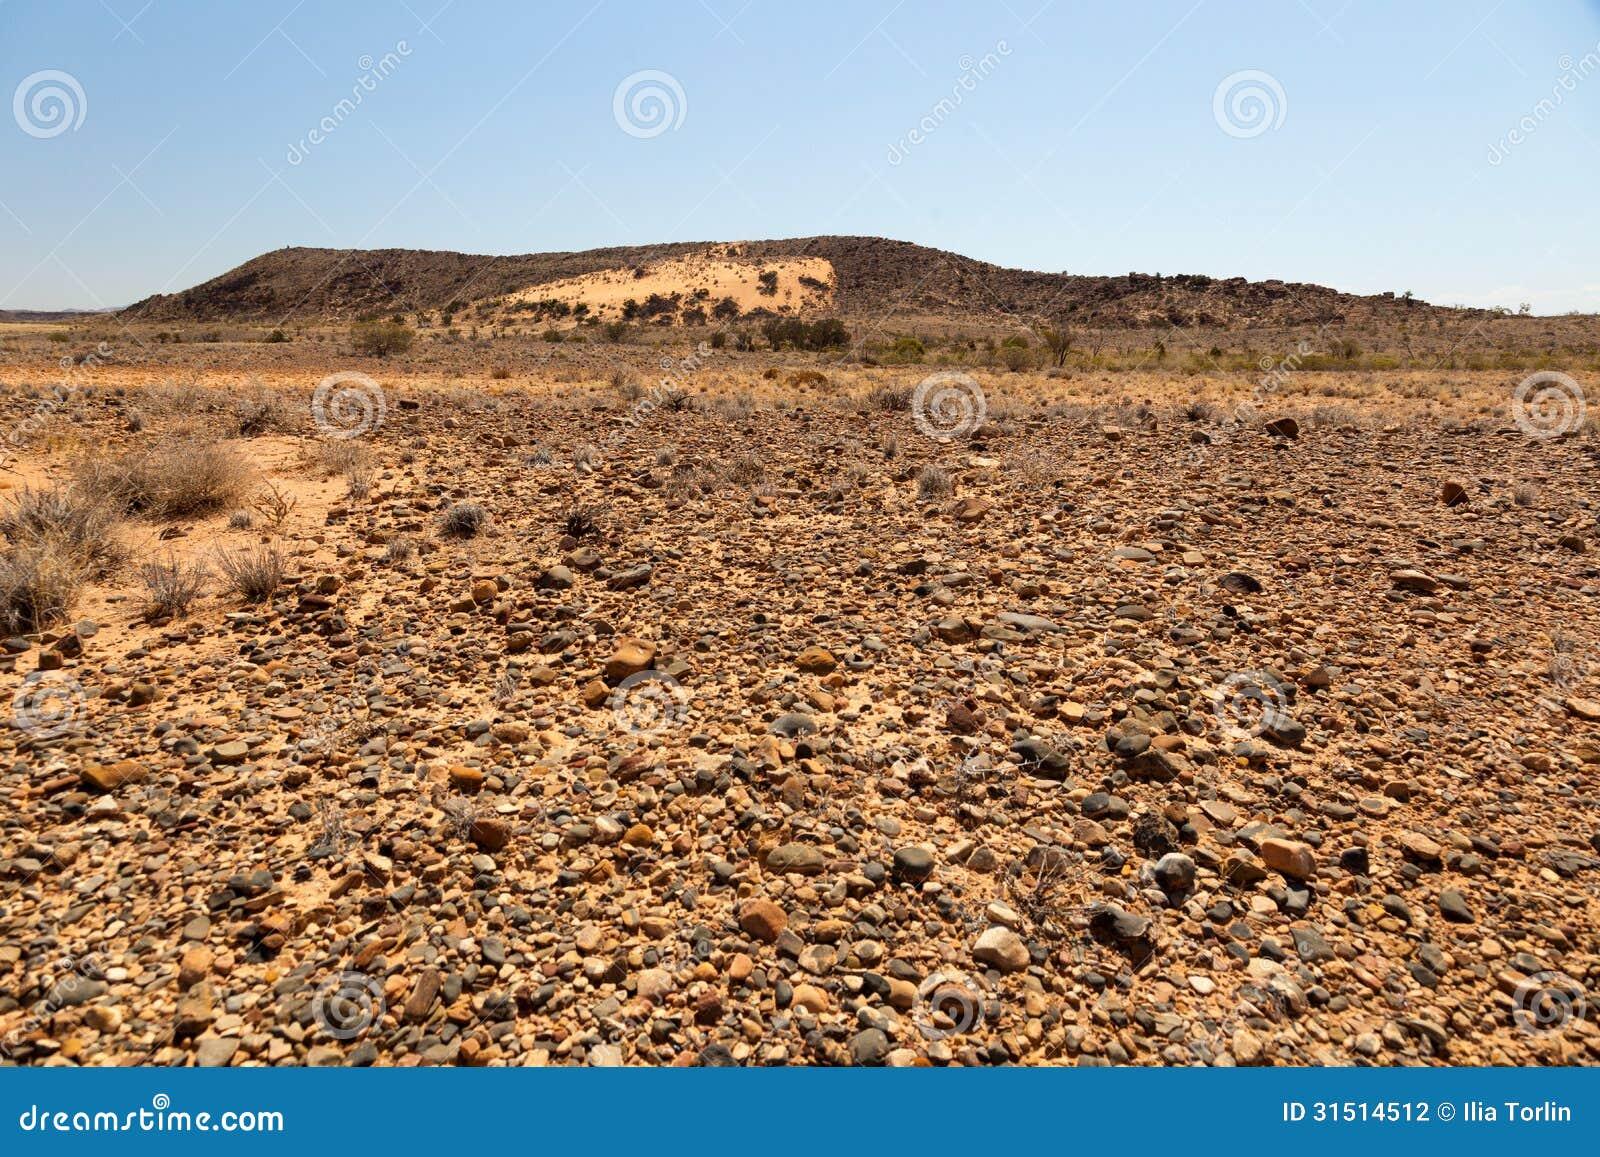 碎片排列风景。南澳大利亚。